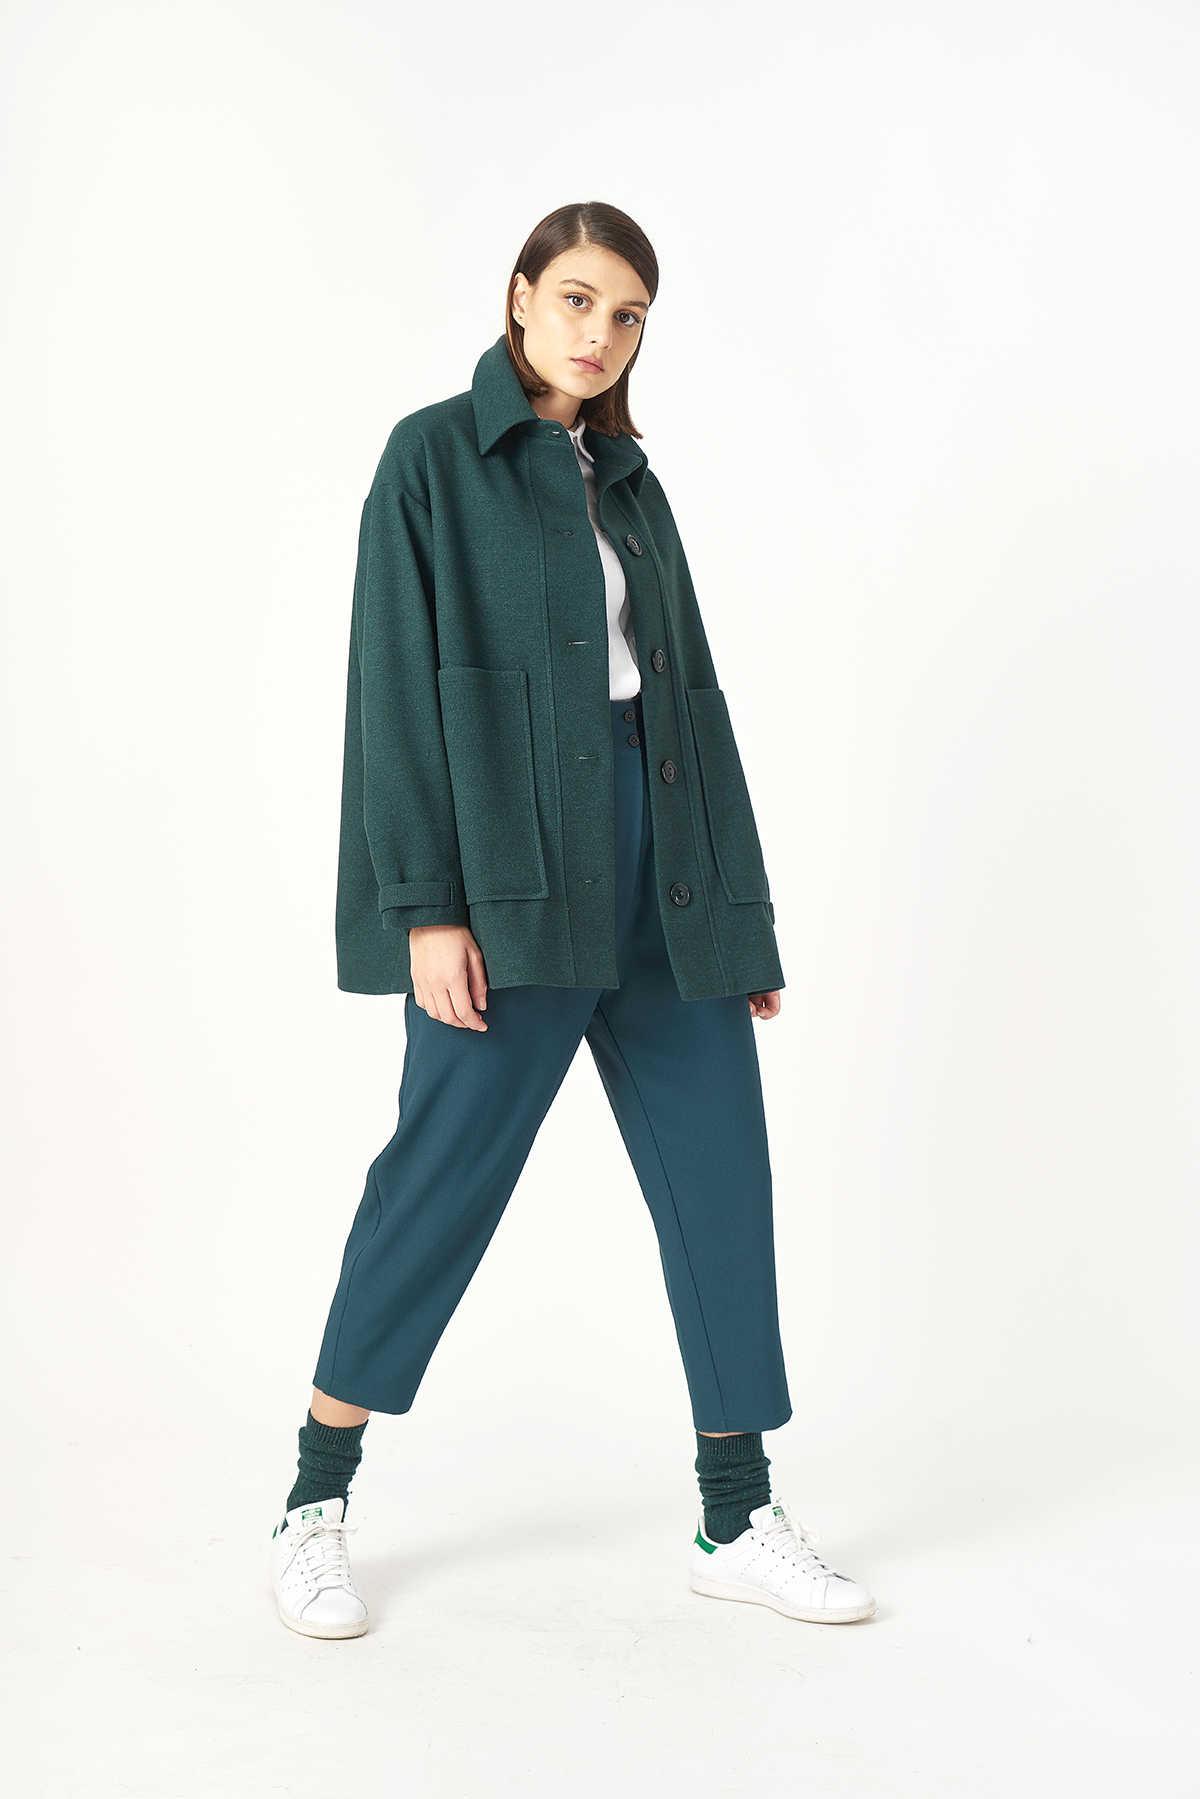 Kuaybe Gider - Kuaybe Gider Yeşil Kadın Palto 7102